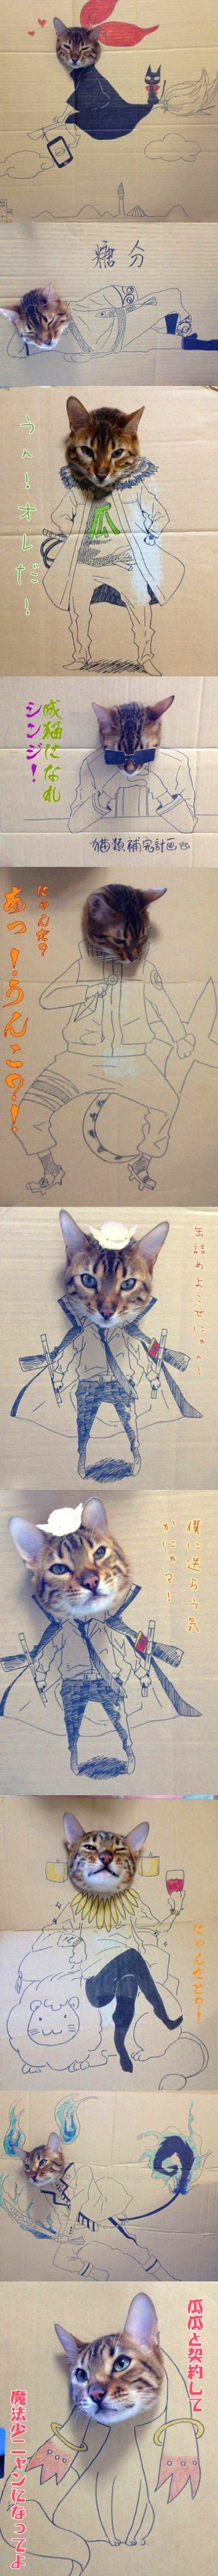 aventuras-do-gato